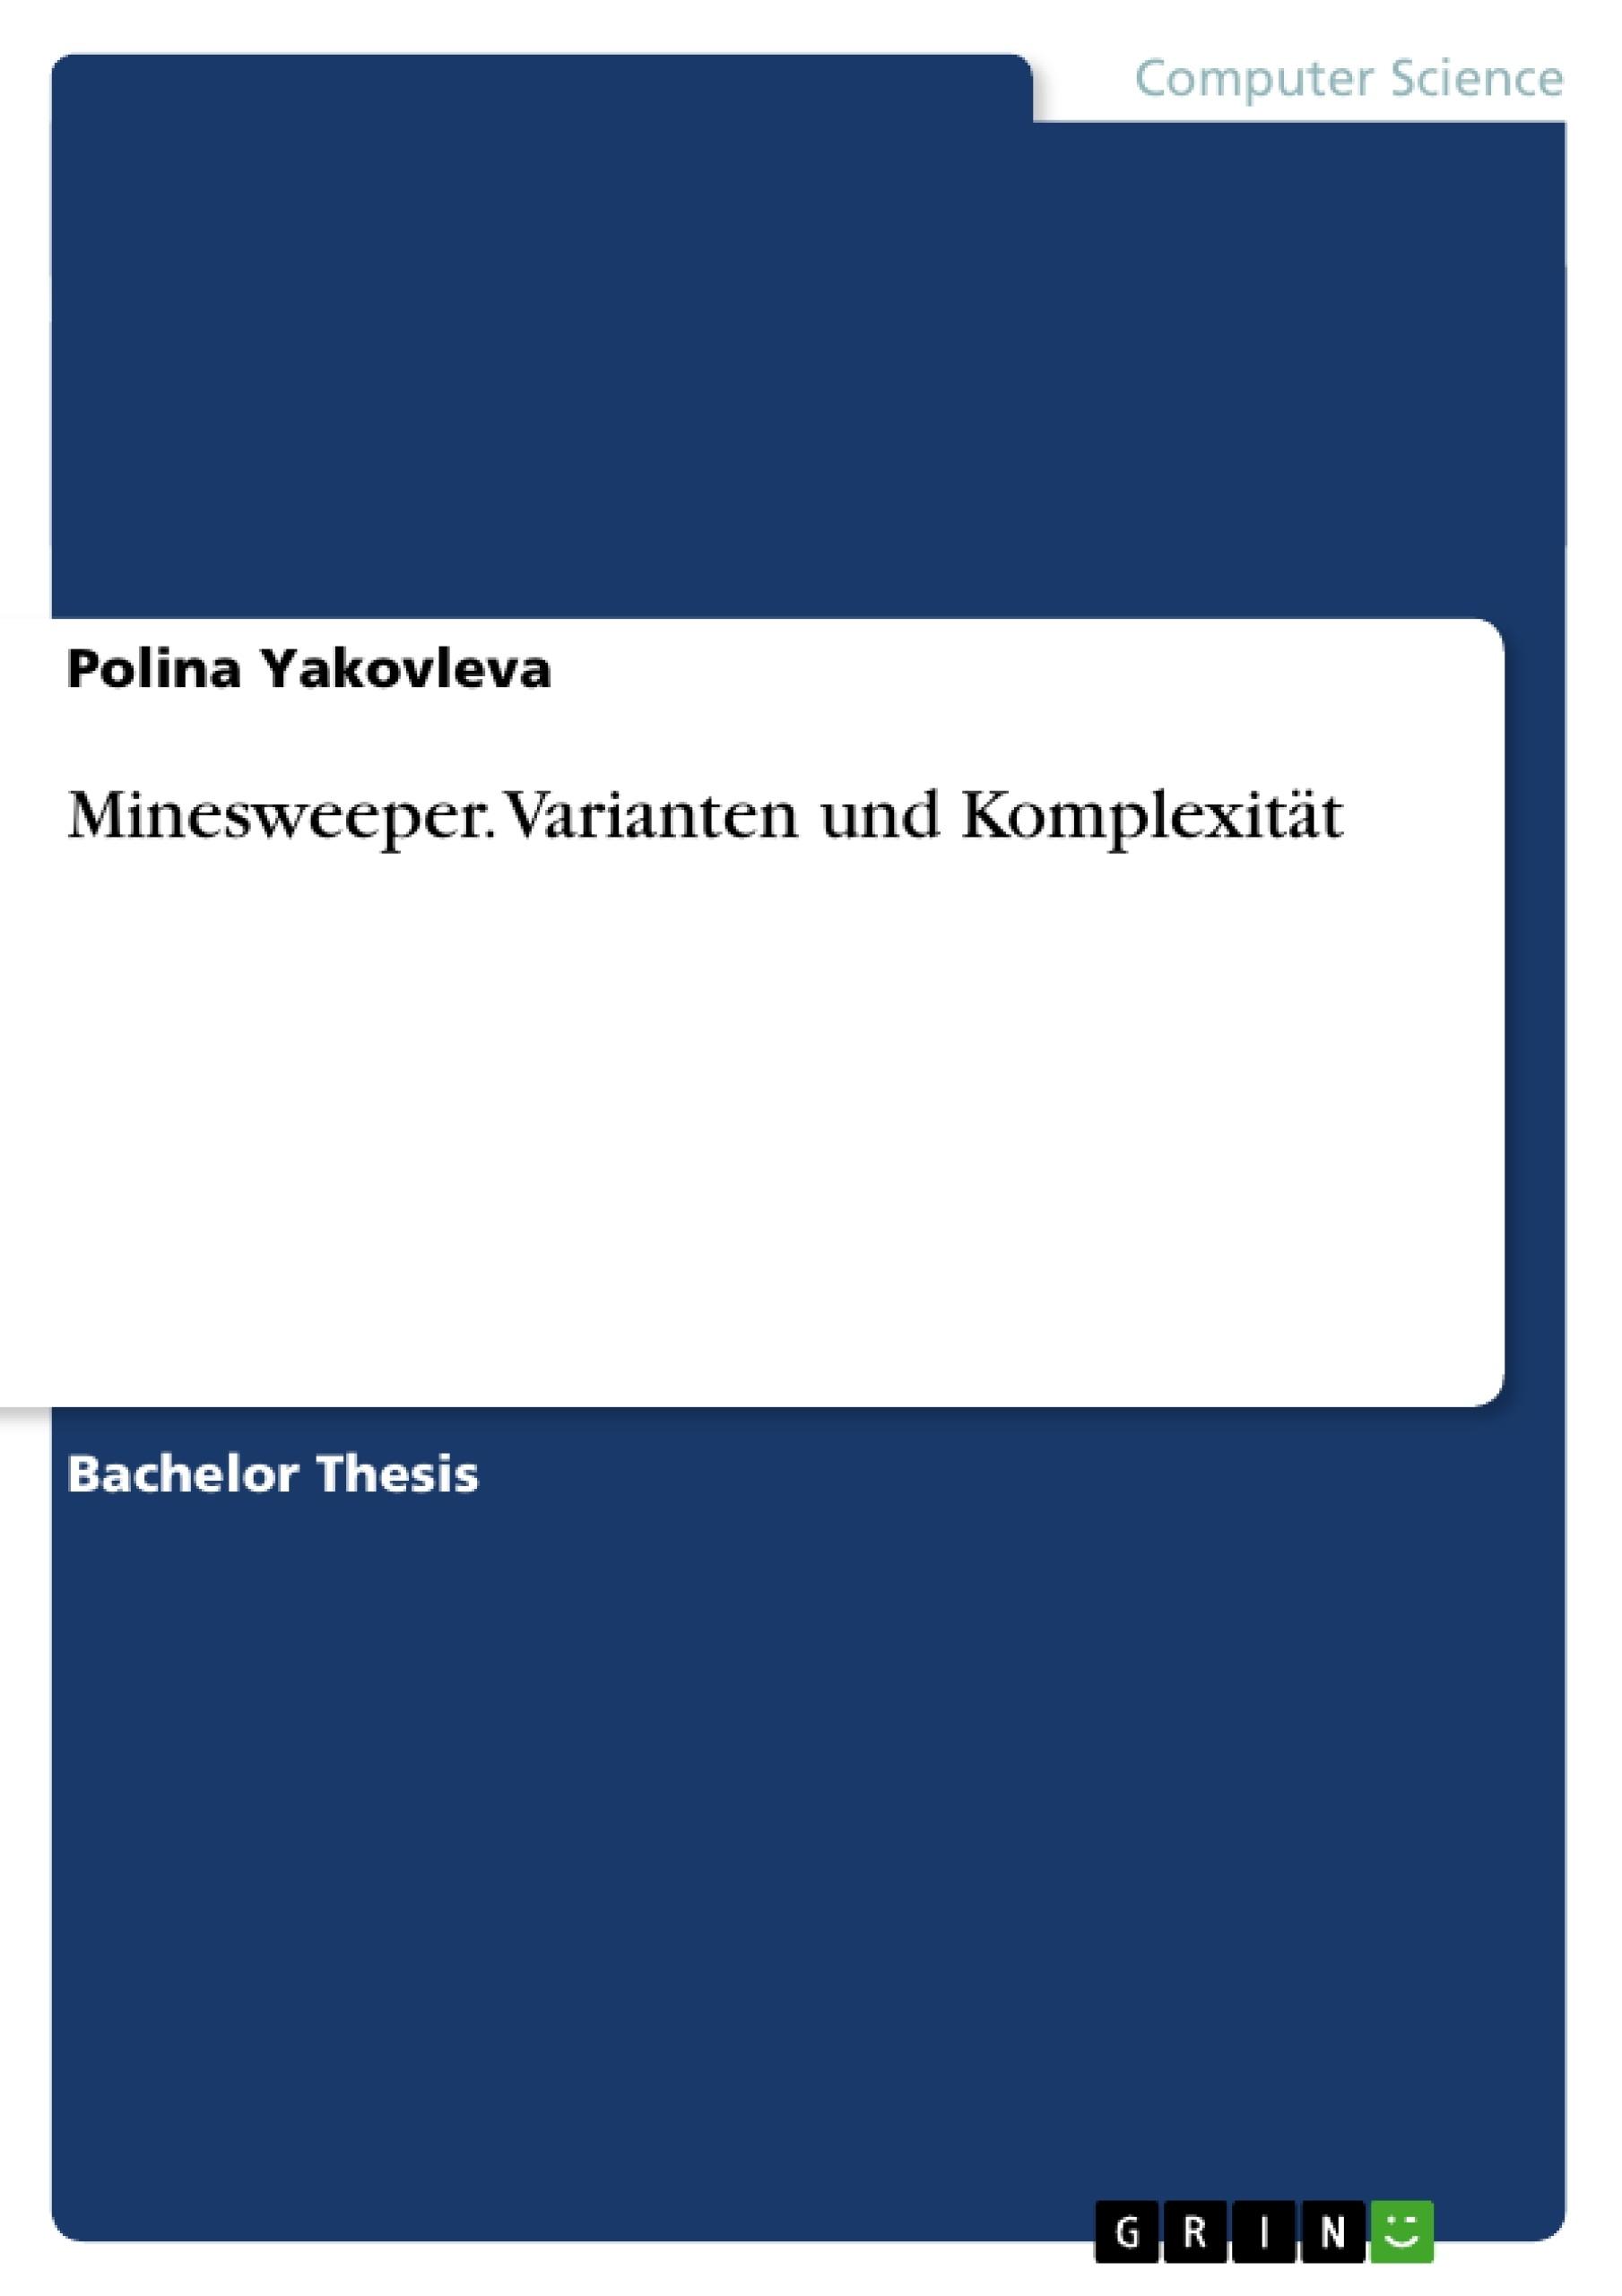 Title: Minesweeper. Varianten und Komplexität